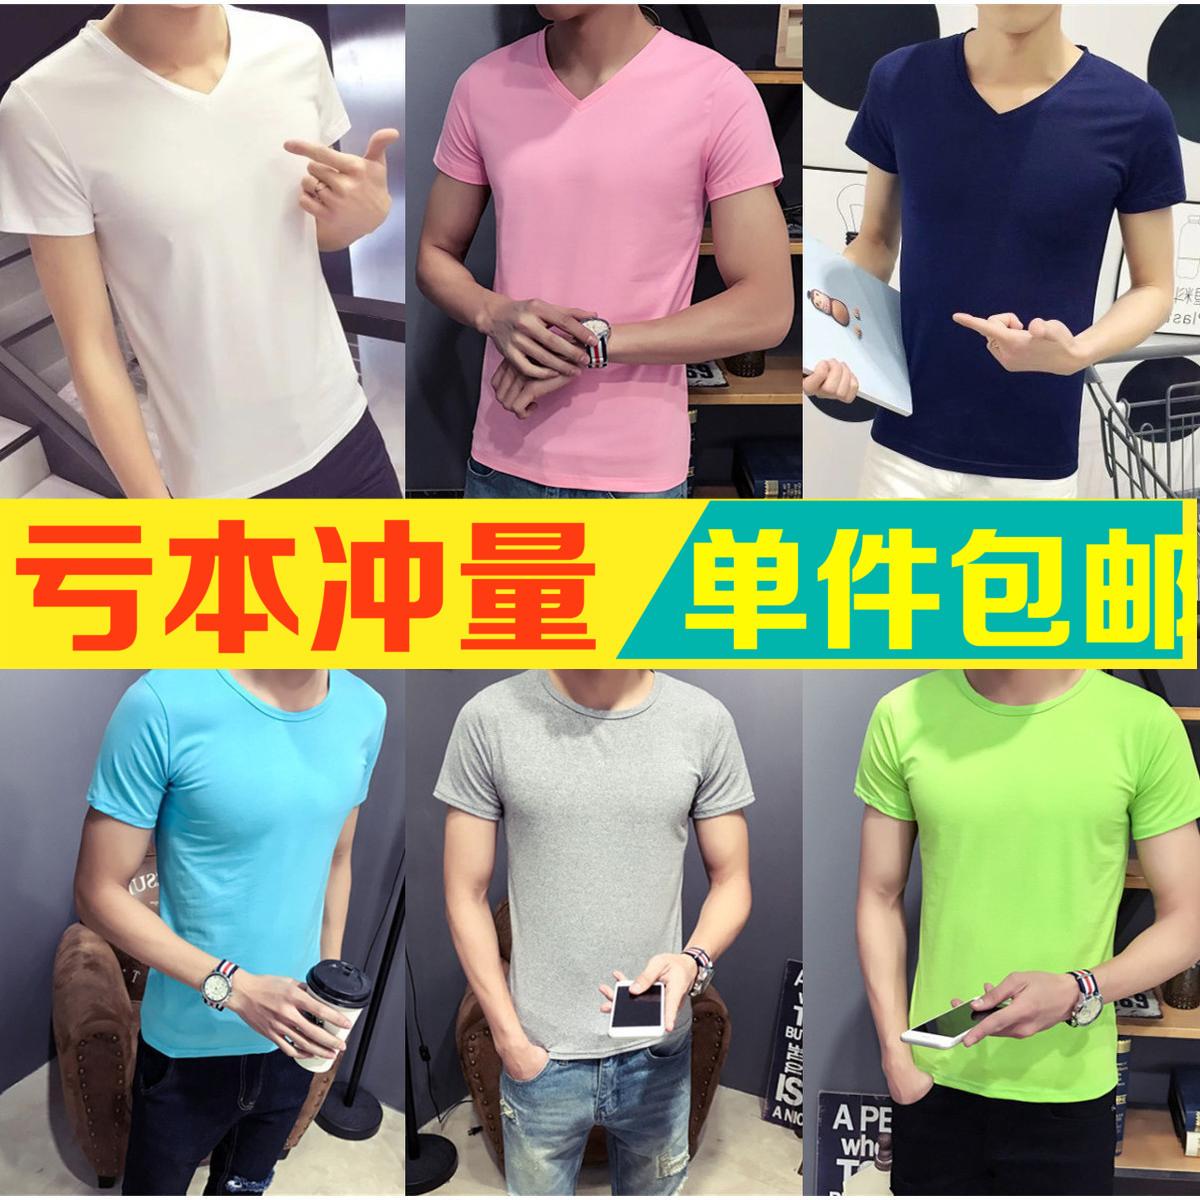 紫色T恤 夏季短袖t恤男韩版修身青年纯色半袖胖子打底衫V领男体恤上衣服潮_推荐淘宝好看的紫色T恤